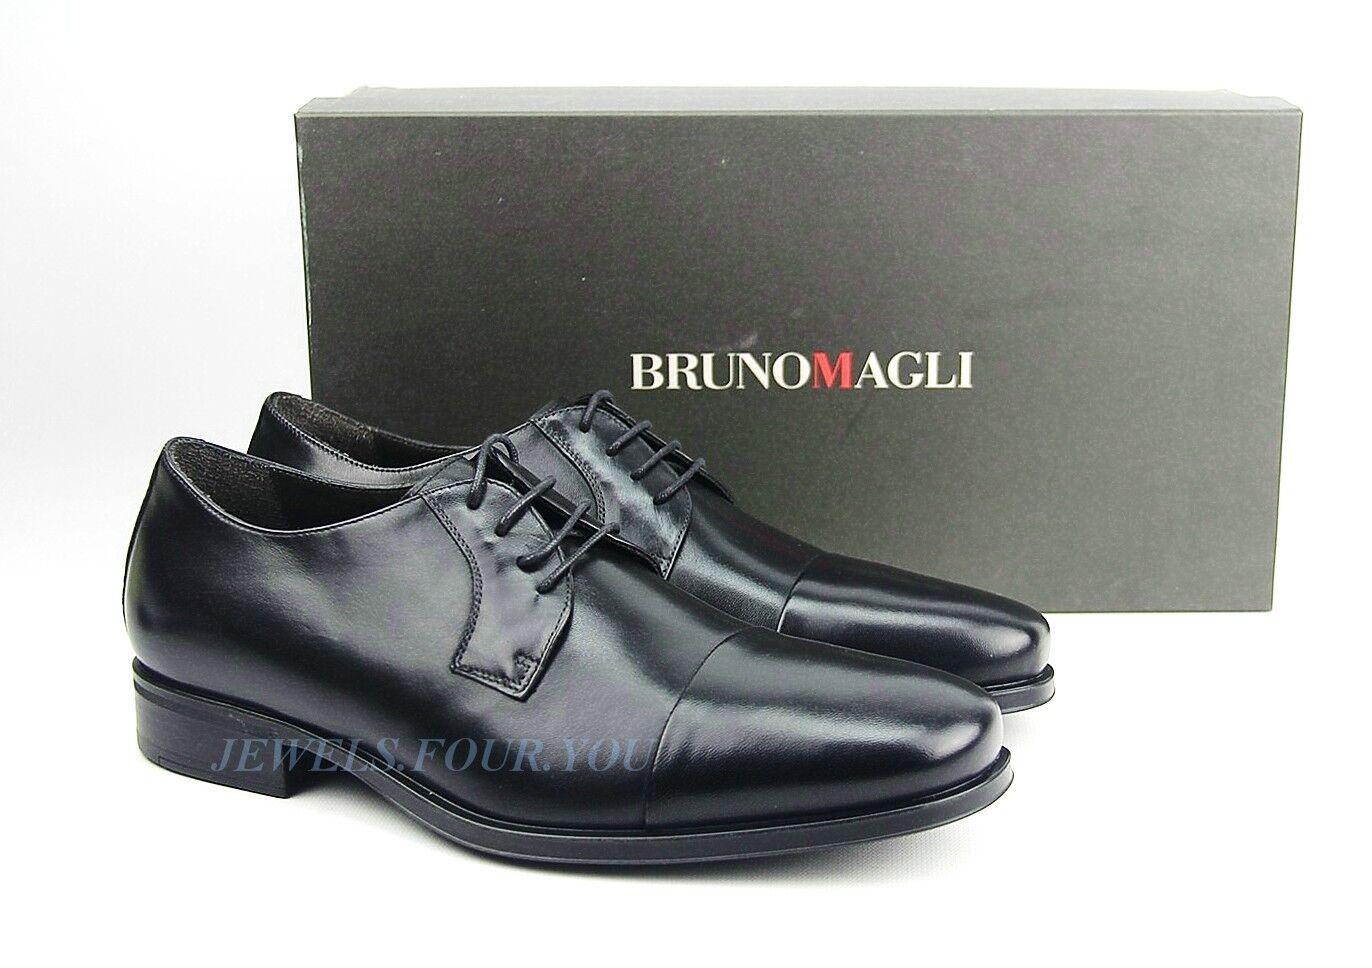 Bruno Magli Negro Hecho A Mano Oxfords Zapatos 100% Cuero Cordones Italia Nuevos Talle 9   68